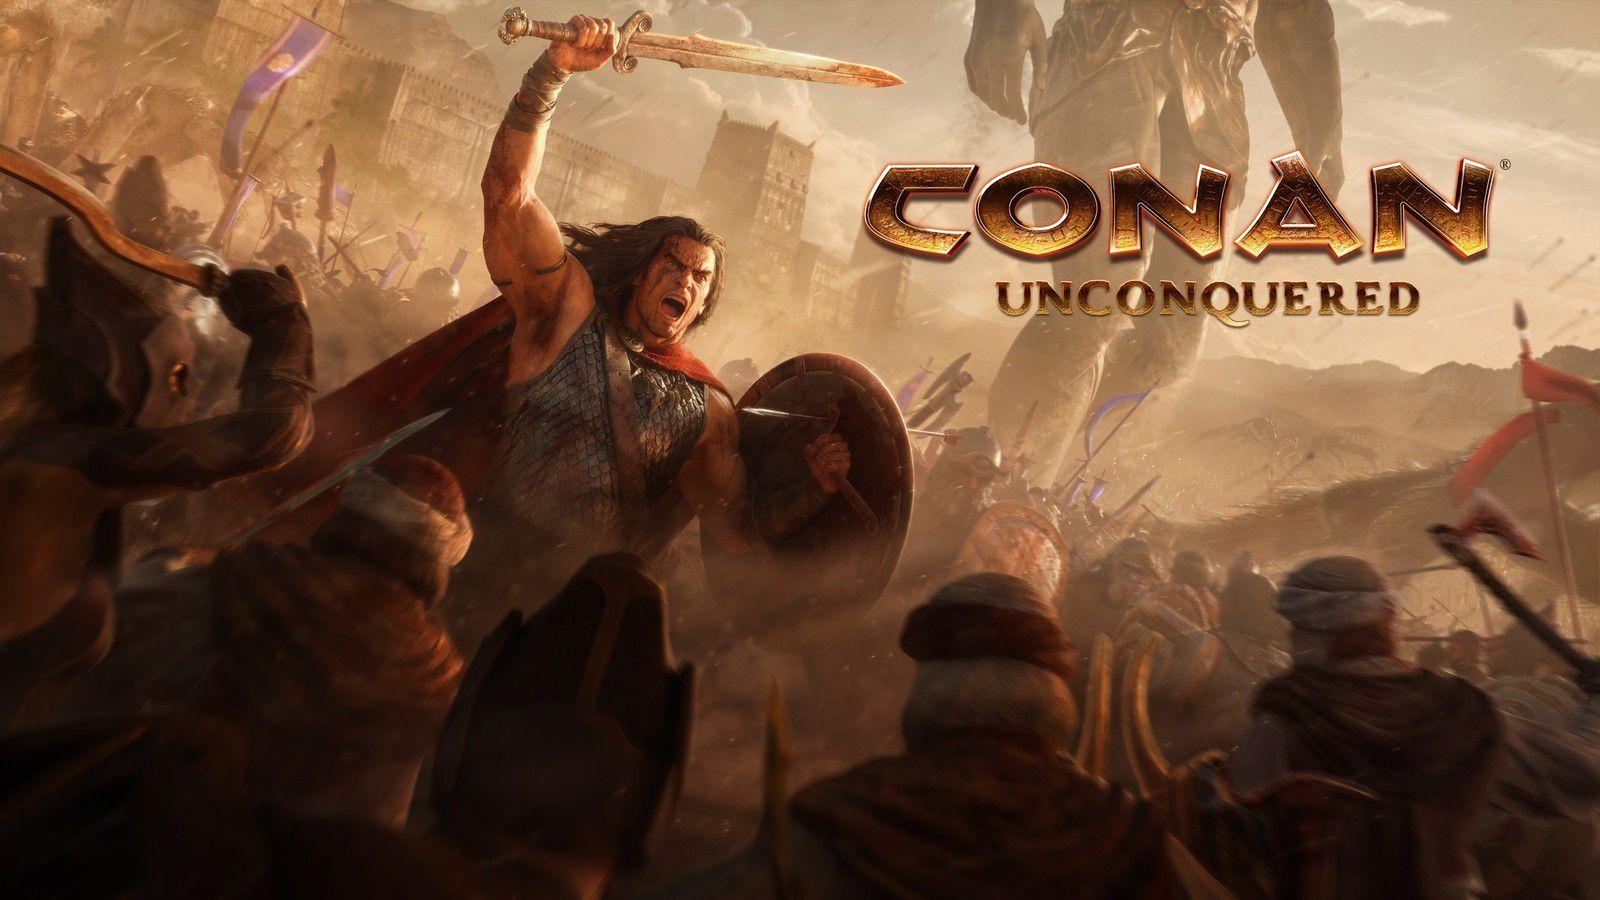 Conan Unconquere